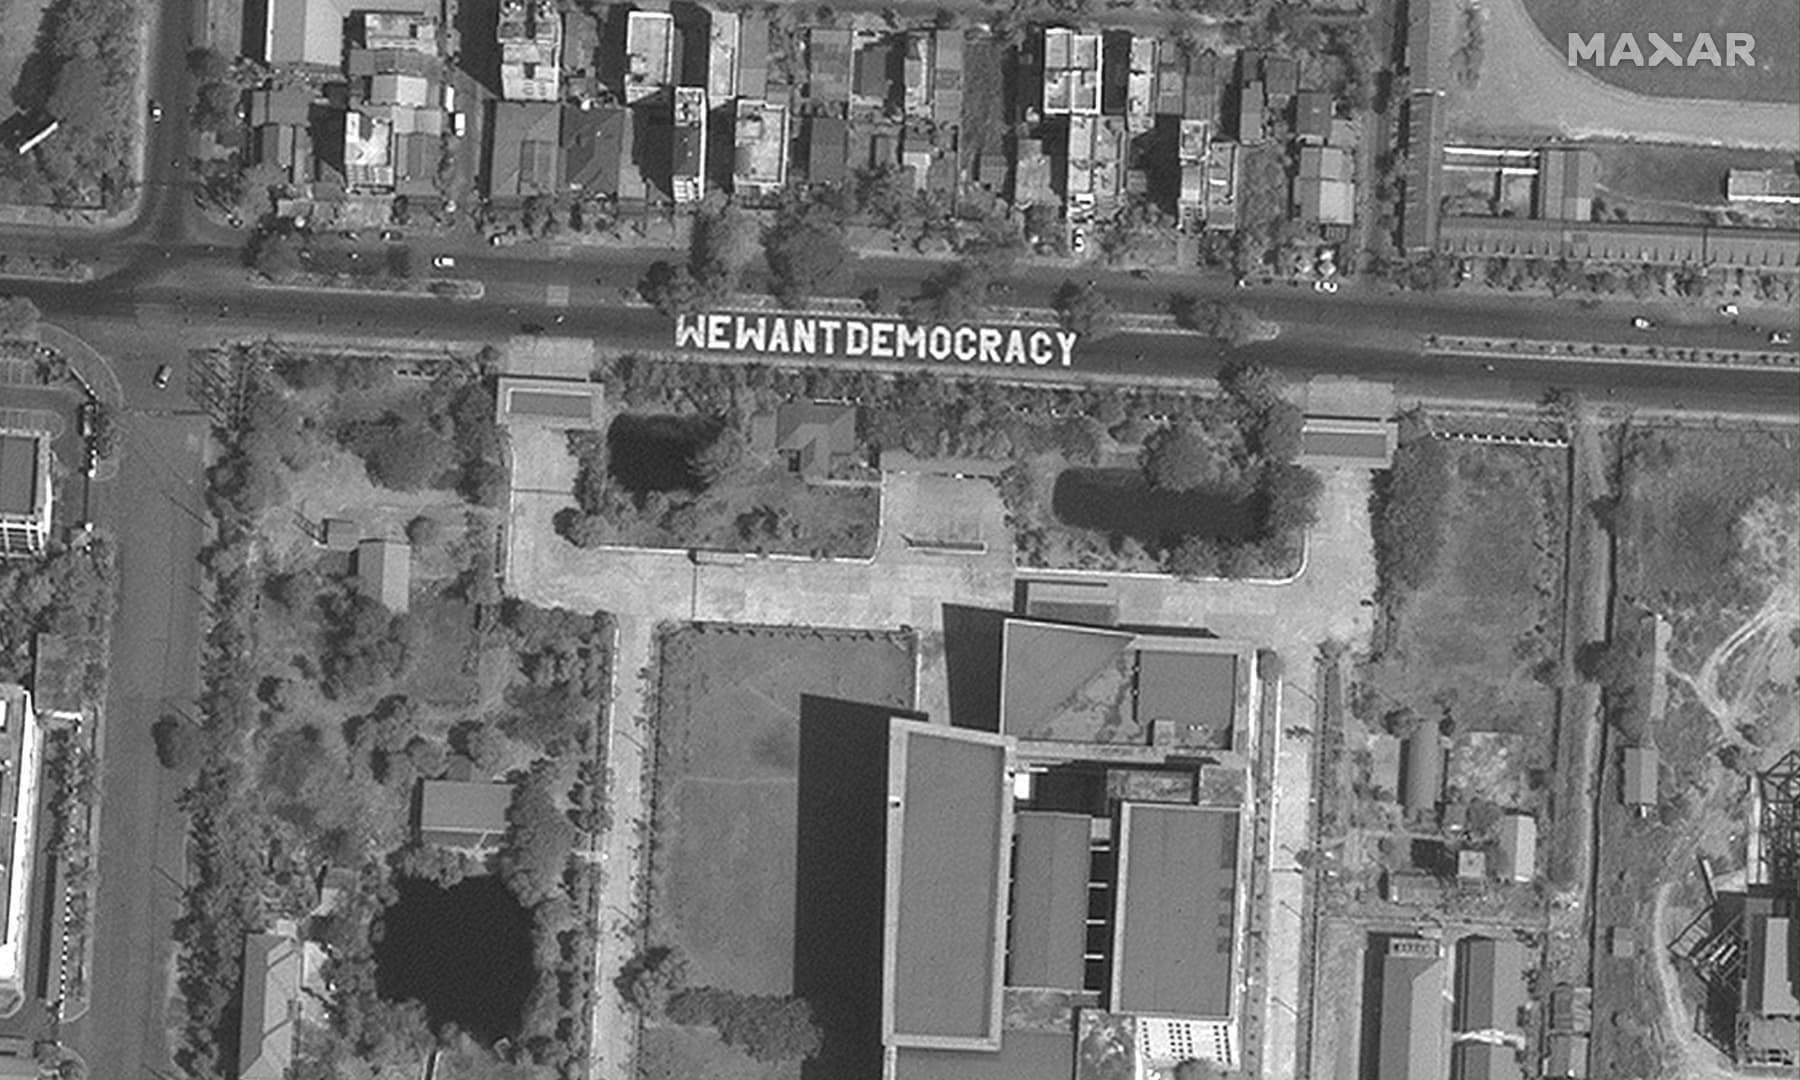 مختلف مقامات اور سڑکوں پر فوج کی مداخلت کے خلاف اور جمہوریت کے حق میں نعرے درج کیے گئے ہیں—فوٹؤ: اے ایف پی